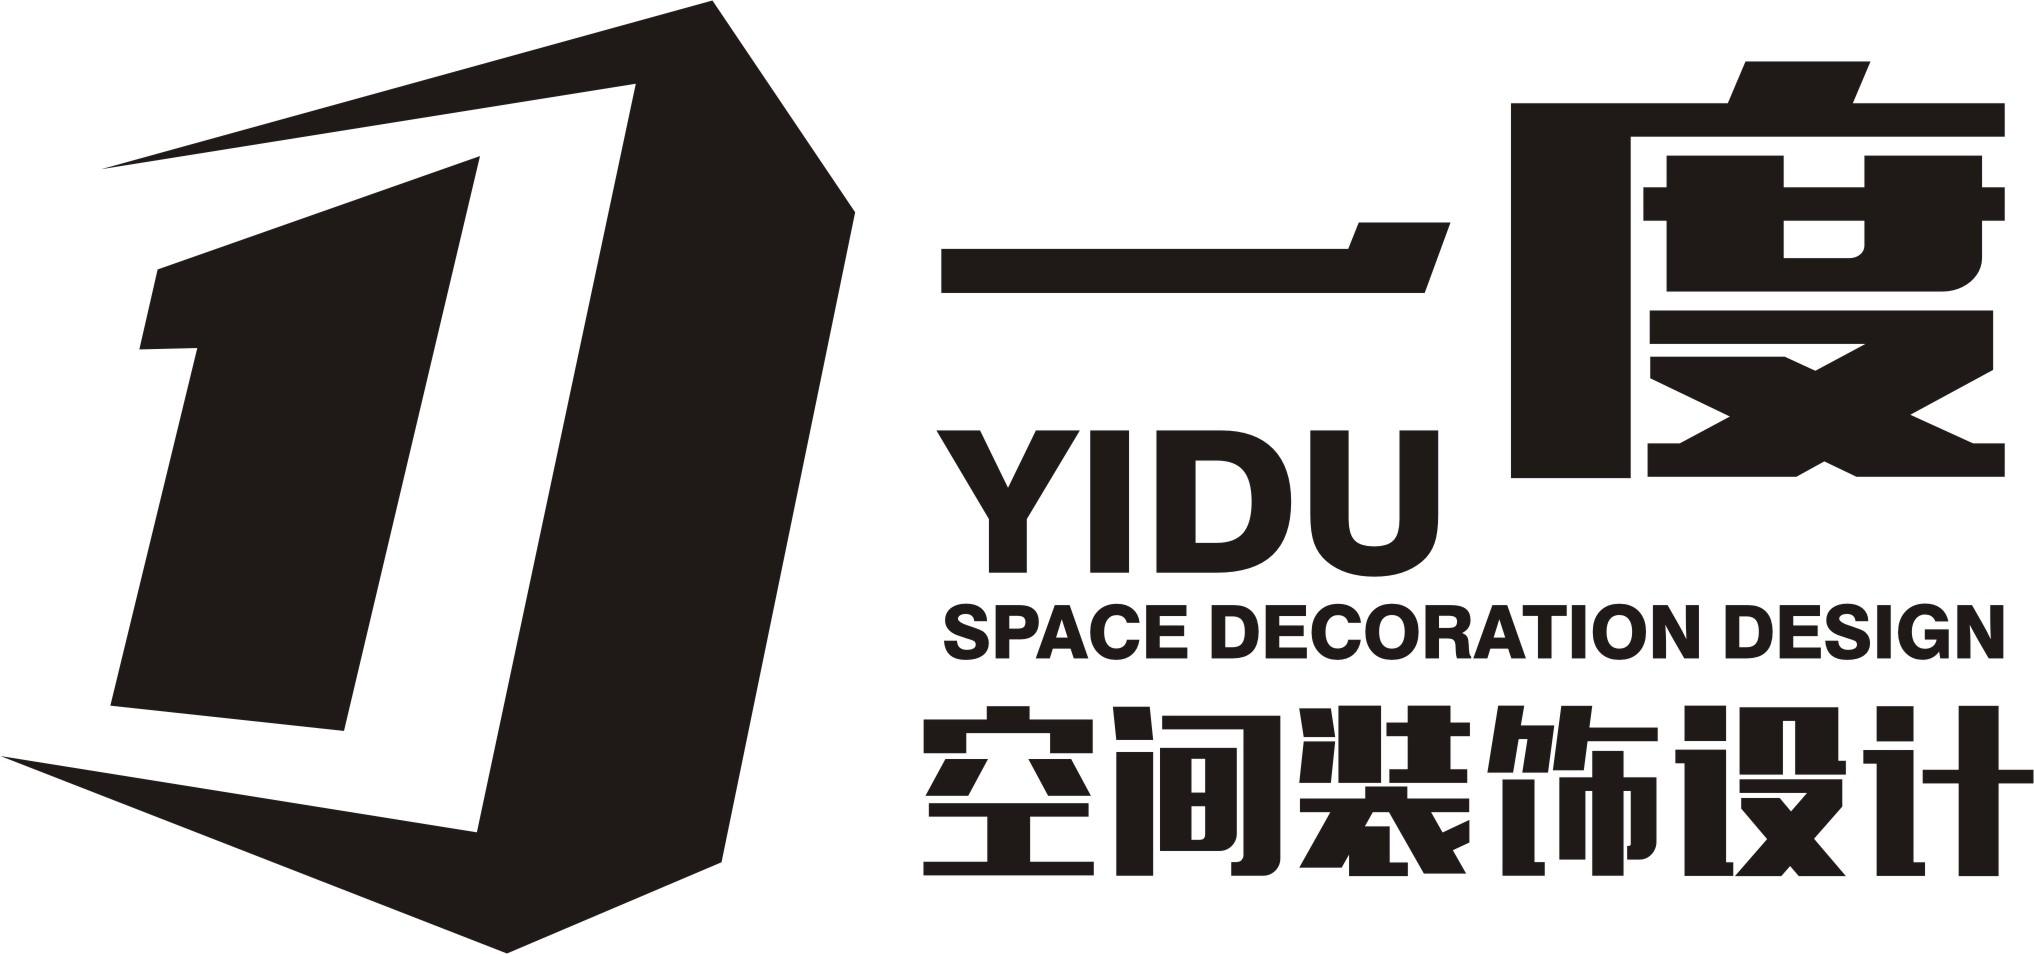 镇江市一度空间装饰设计有限公司